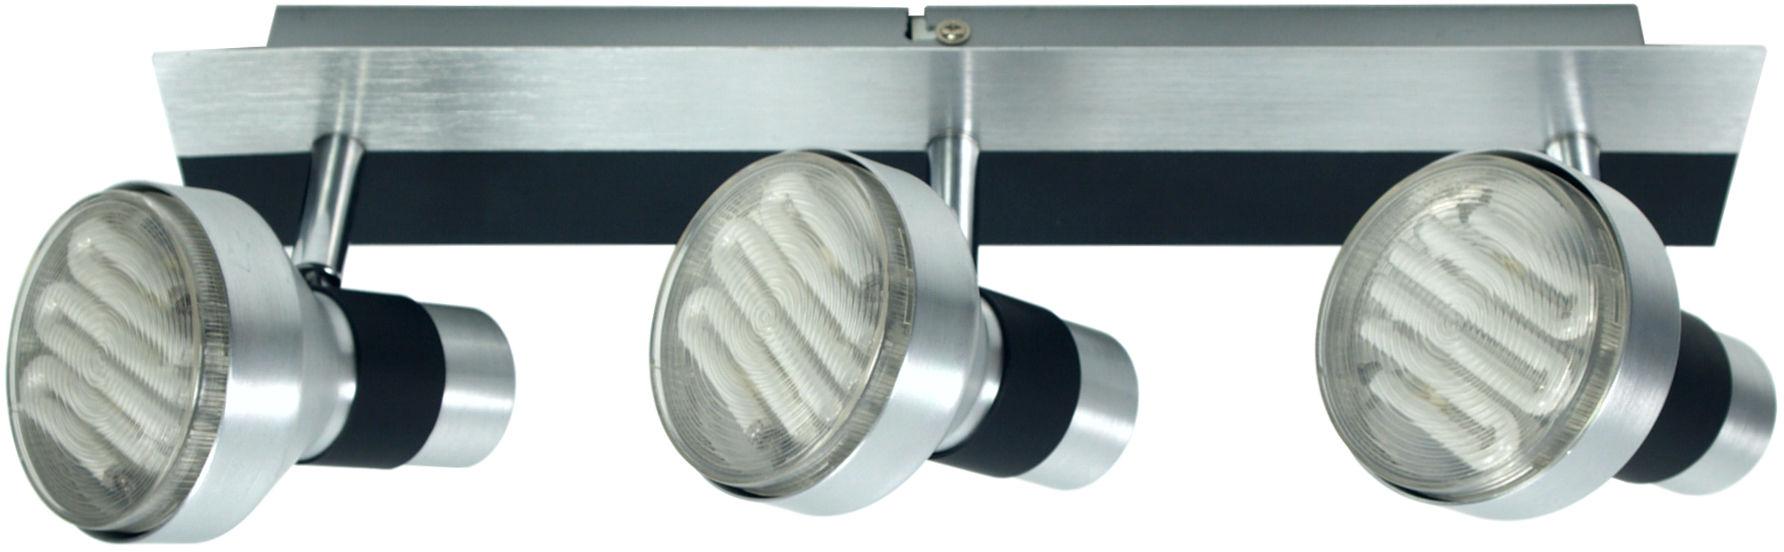 Candellux SORTHA 1 93-08292 listwa oświetleniowa srebrno-czarny regulacja klosza 3X9W GX53 43cm